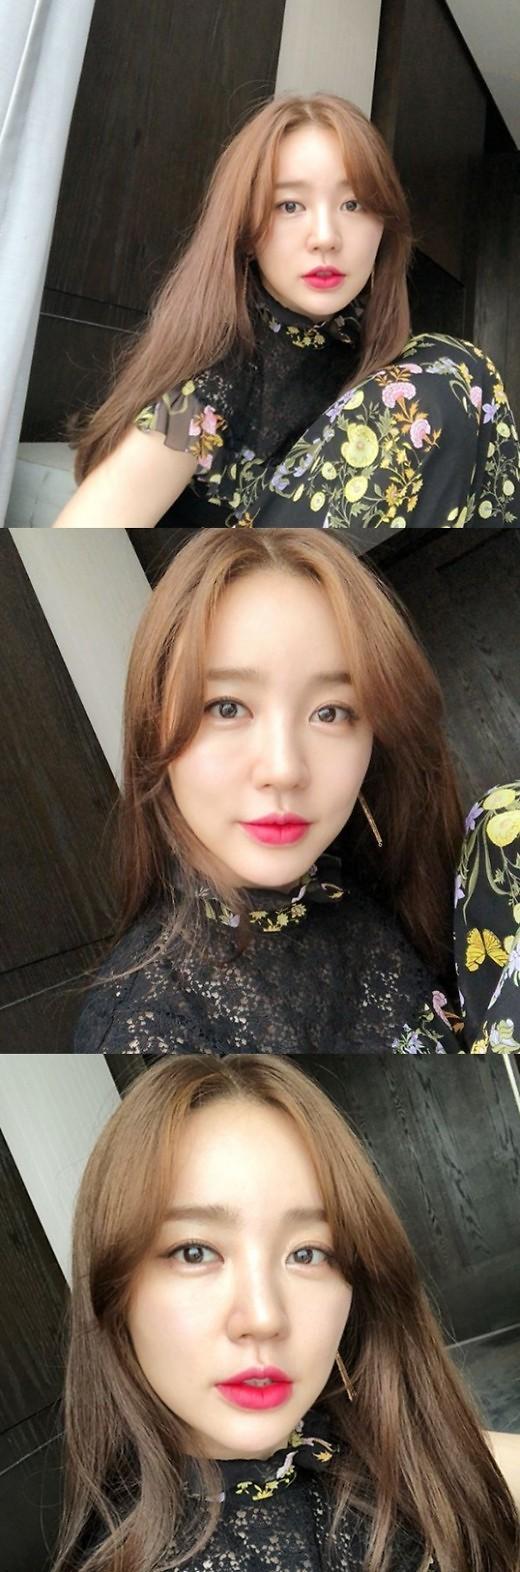 尹恩惠公开近况 耀眼美貌吸睛